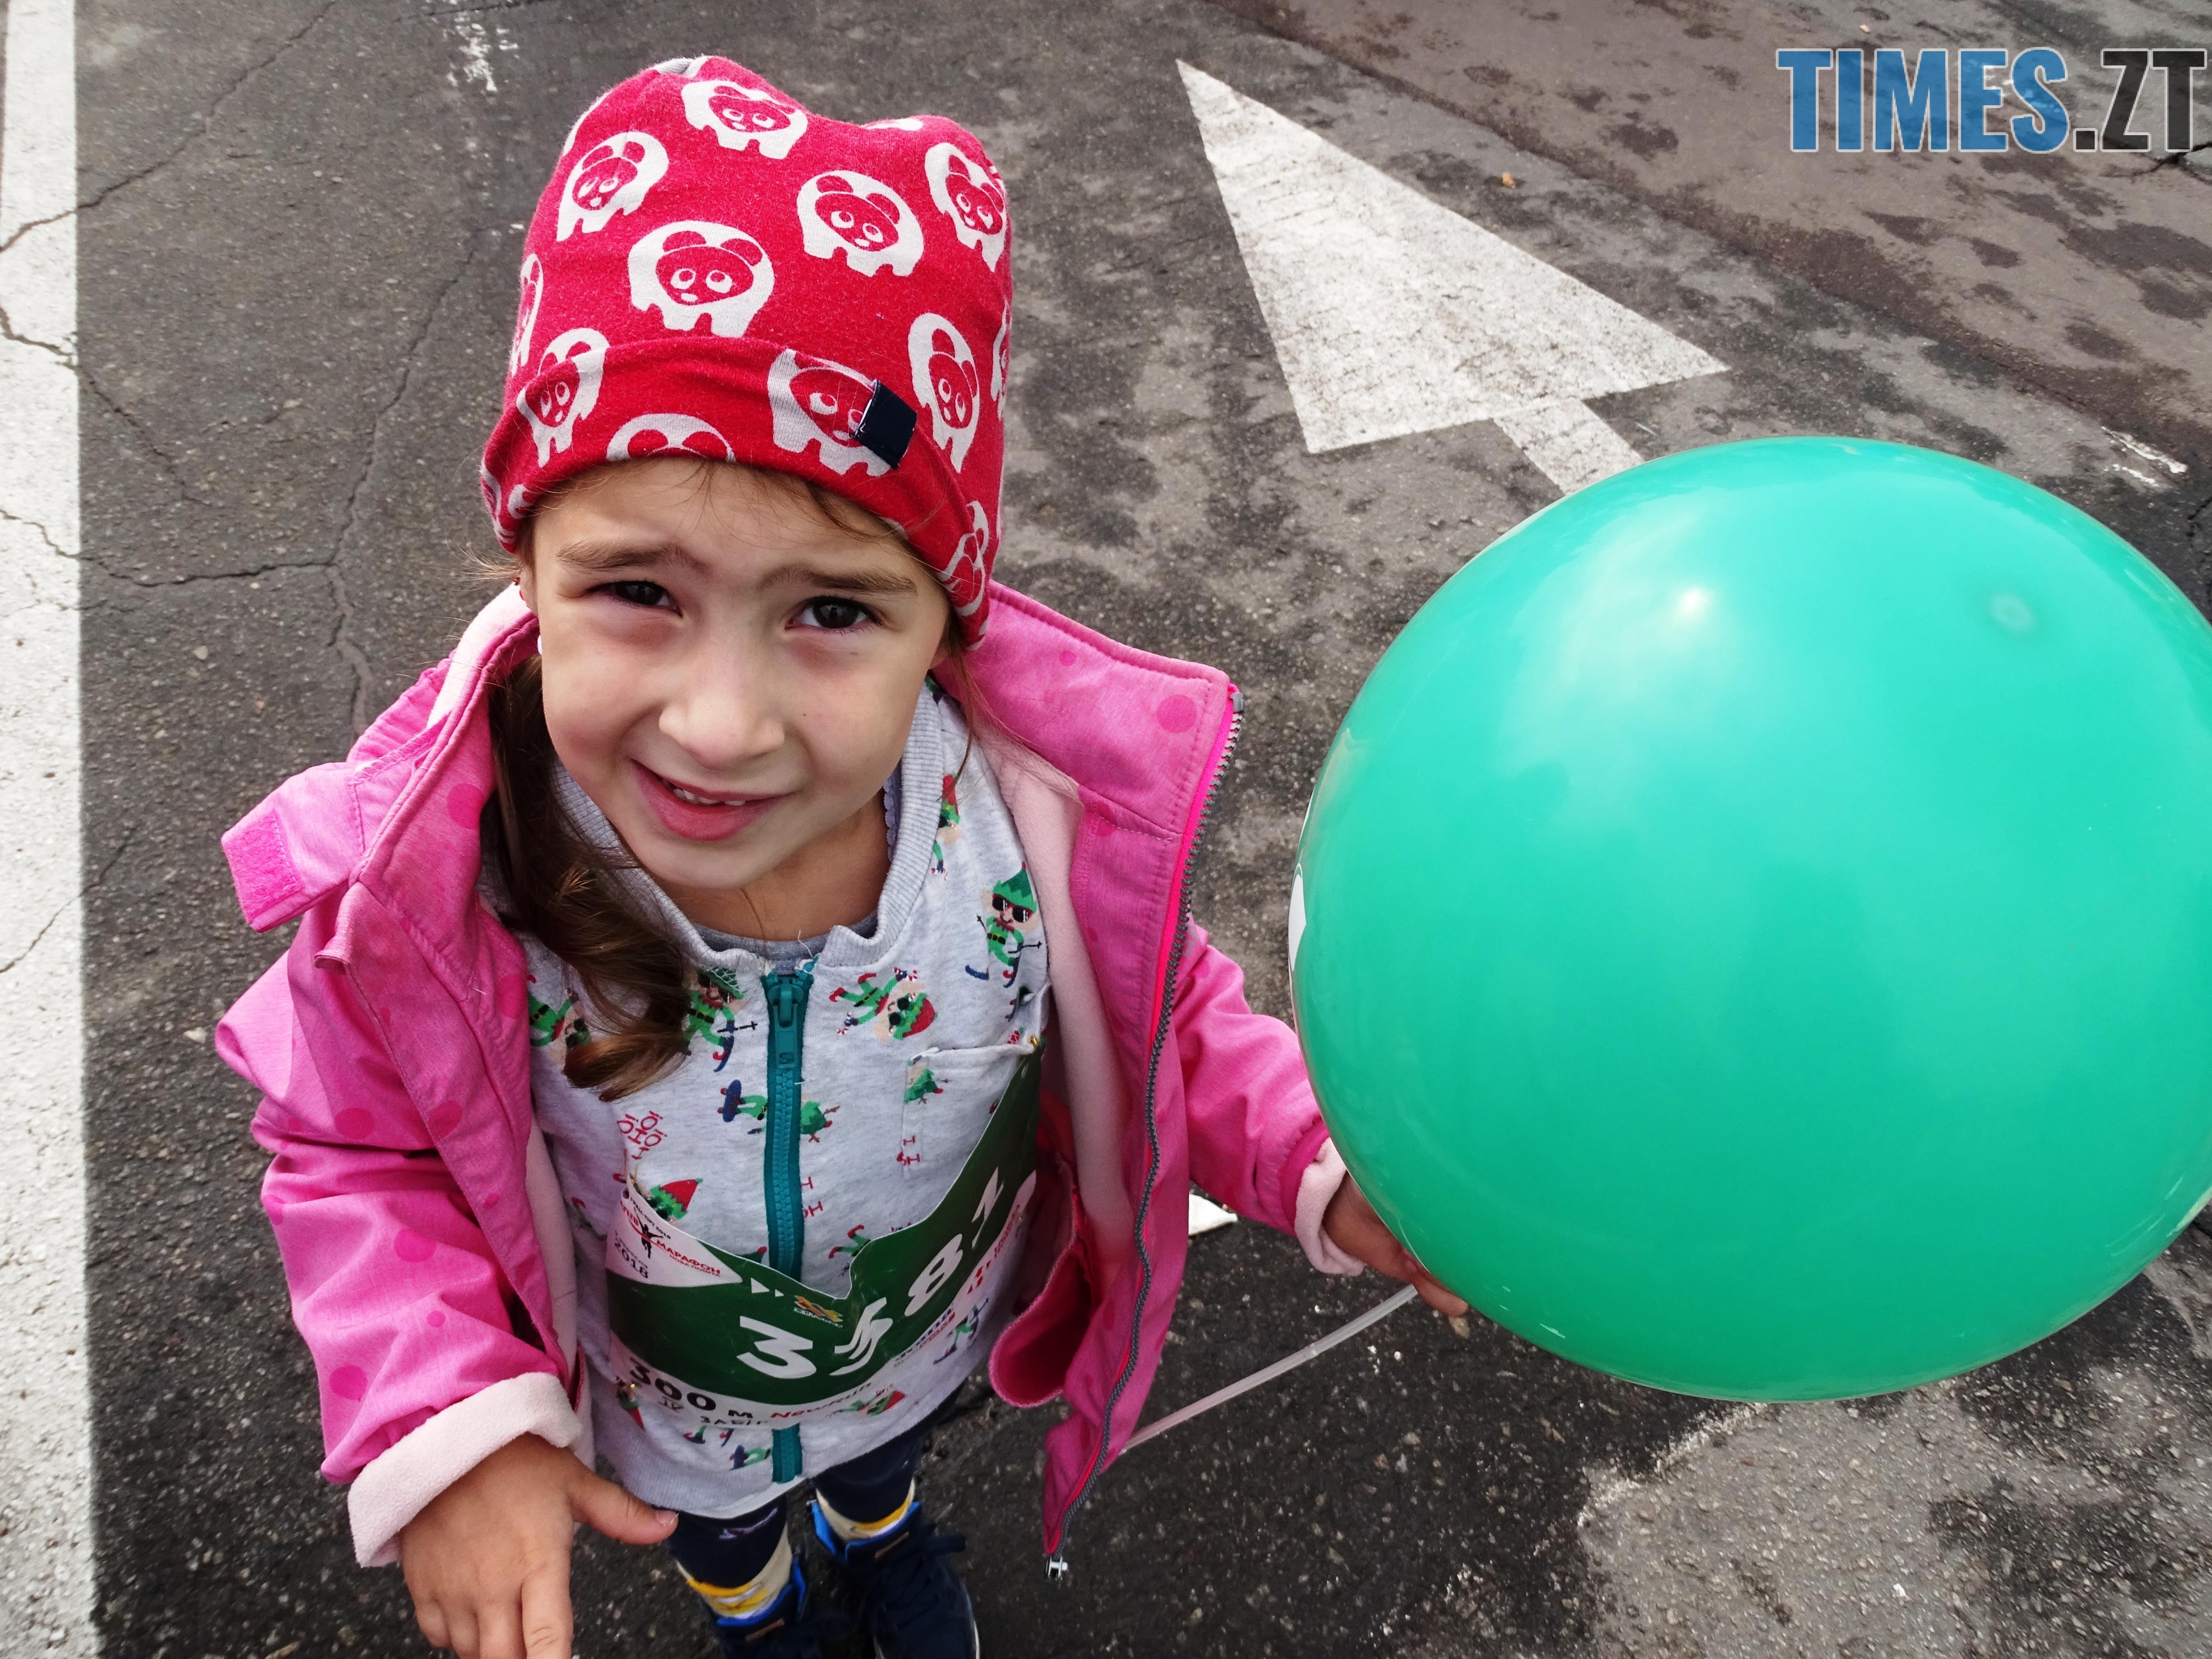 DSC01746 - У Житомирі втретє відбувся Космічний напівмарафон: враження та фото учасників забігів (ВІДЕО)